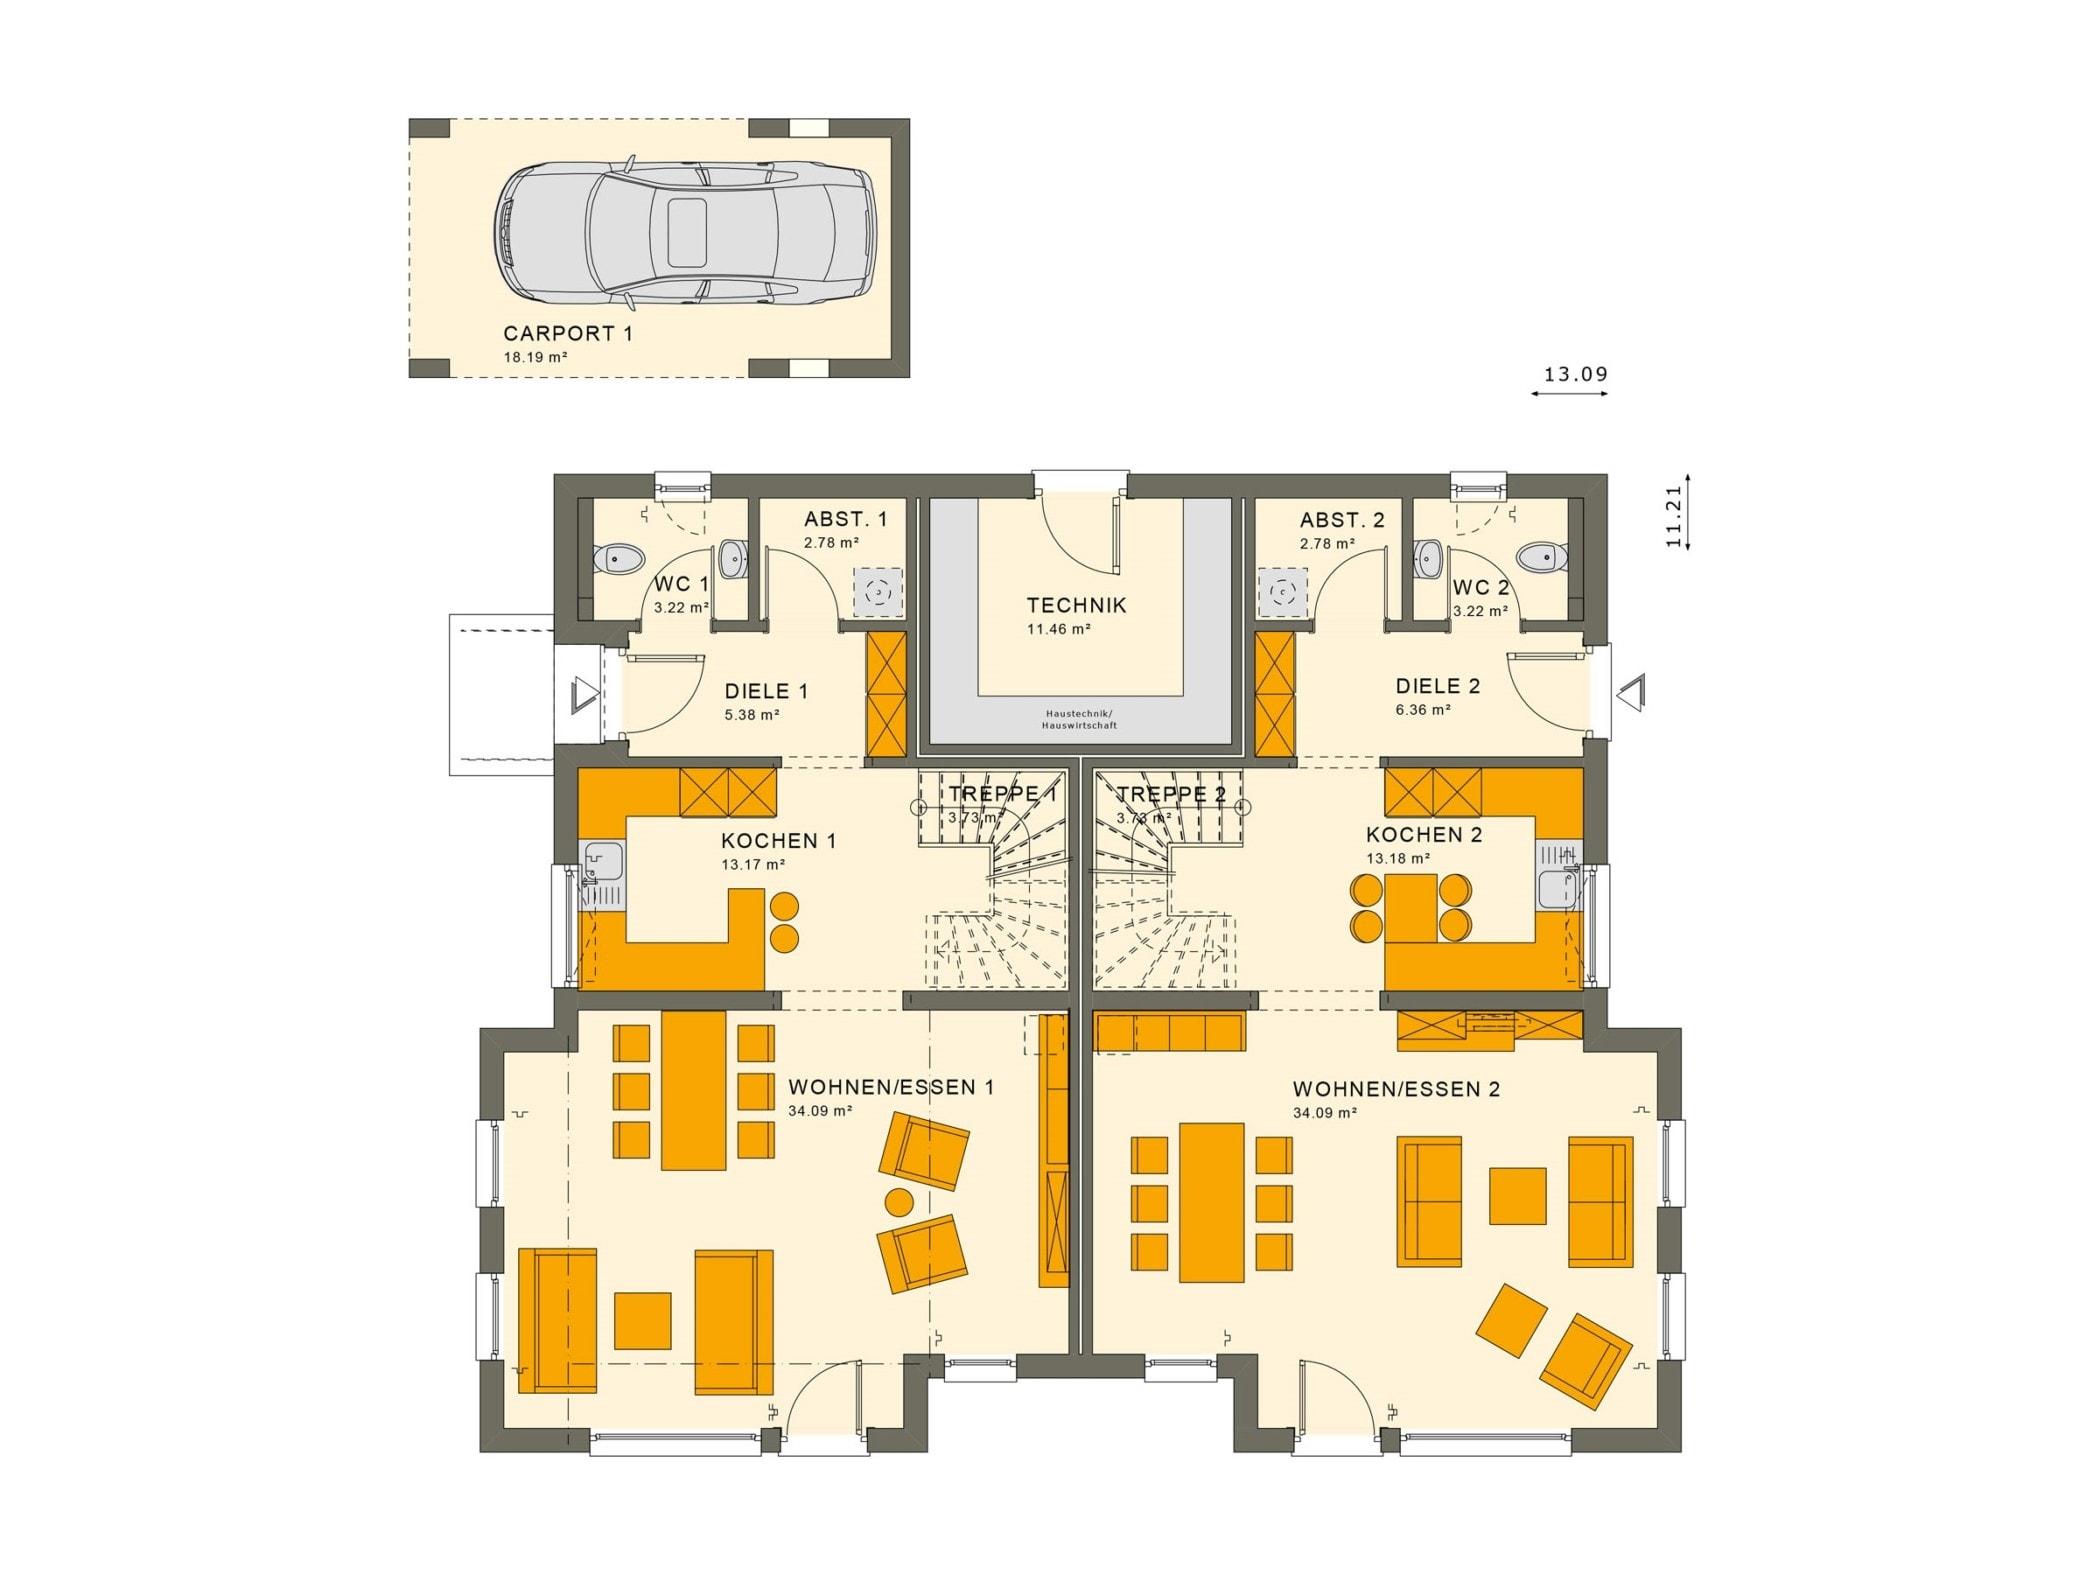 Zweifamilienhaus Grundriss Erdgeschoss nebeneinander als Doppelhaus mit separaten Eingängen & Carport - Mehrgenerationenhaus bauen Ideen Fertighaus SOLUTION 242 V5 von Living Haus - HausbauDirekt.de